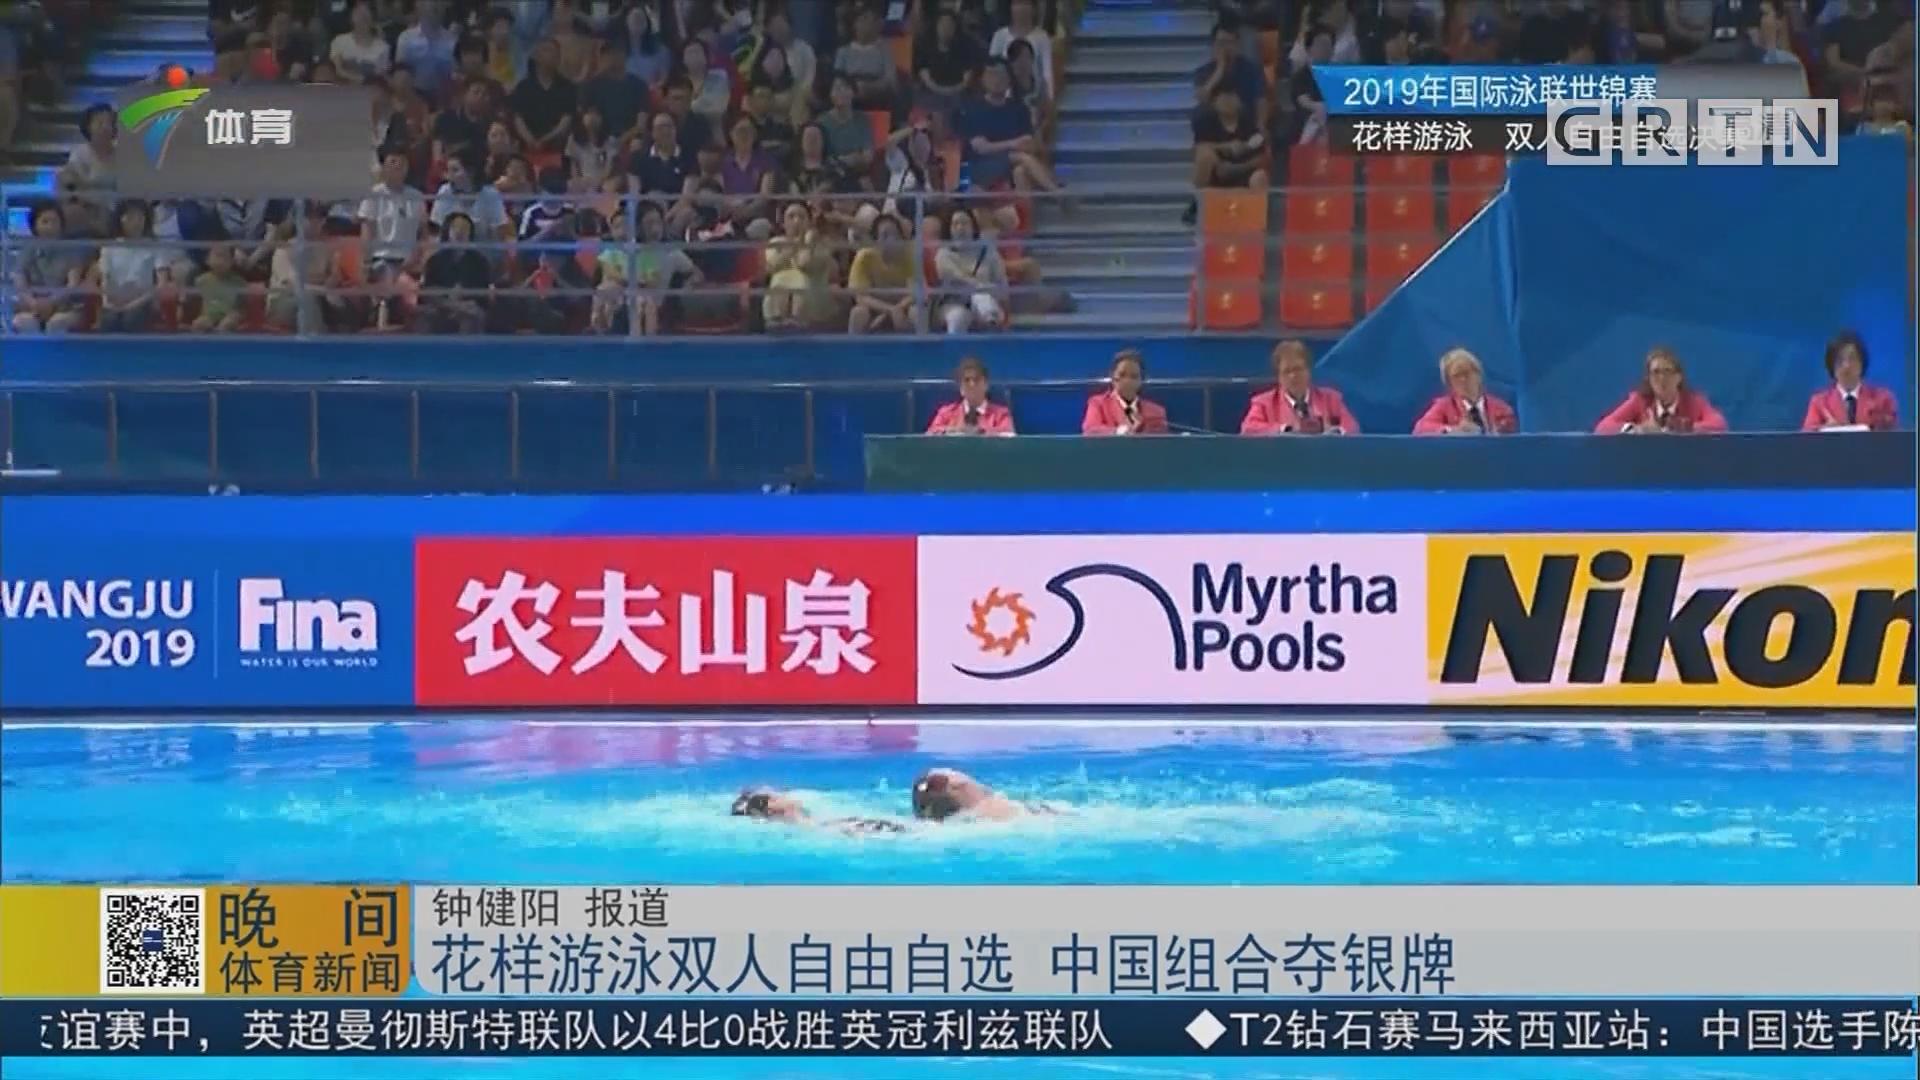 花样游泳双人自由自选 中国组合夺银牌